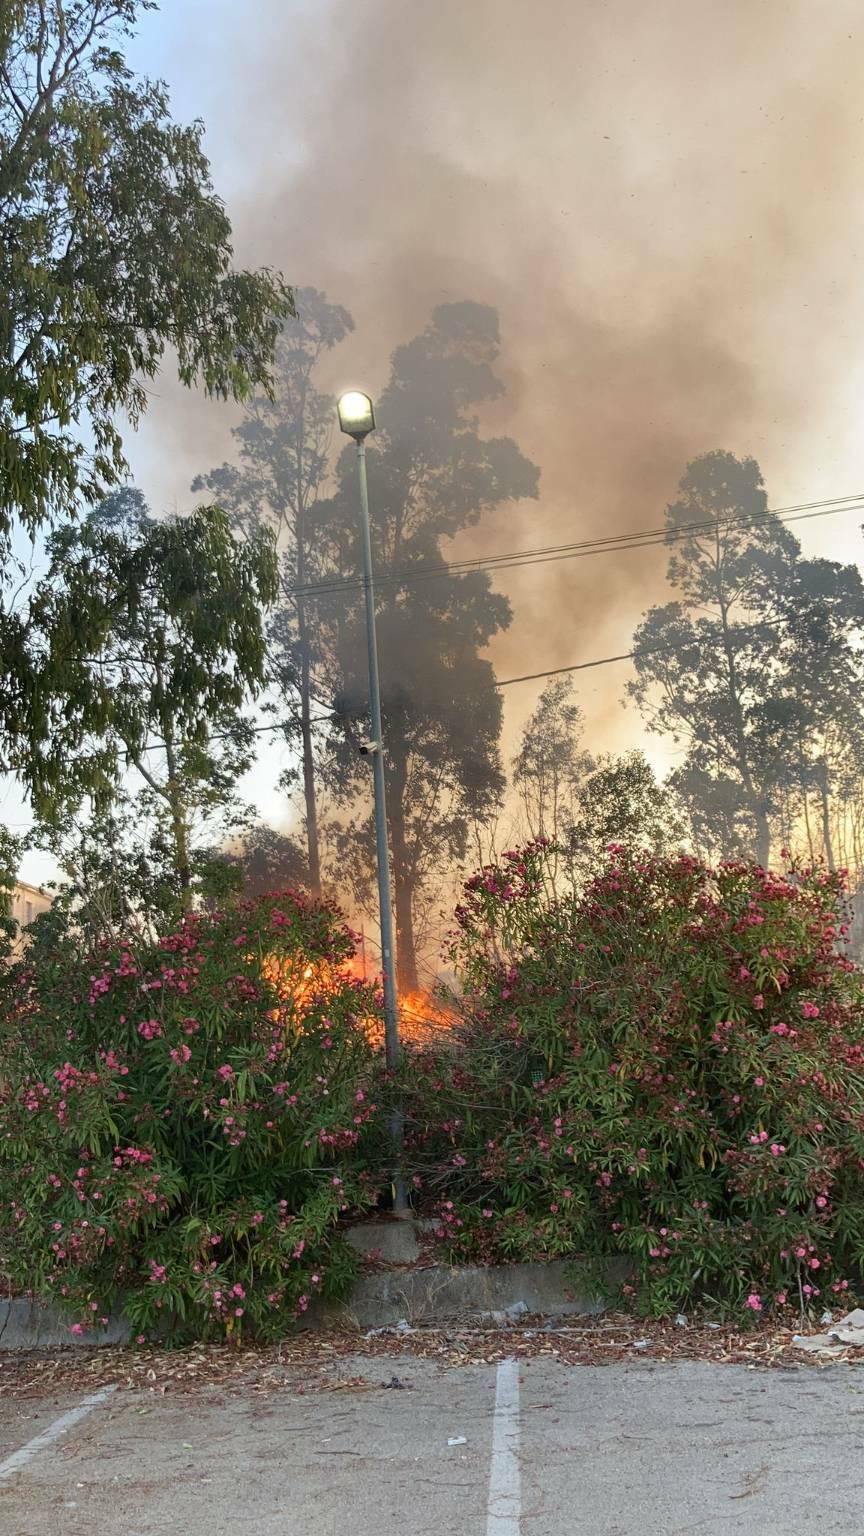 Incendio vicino alla Esso km 546